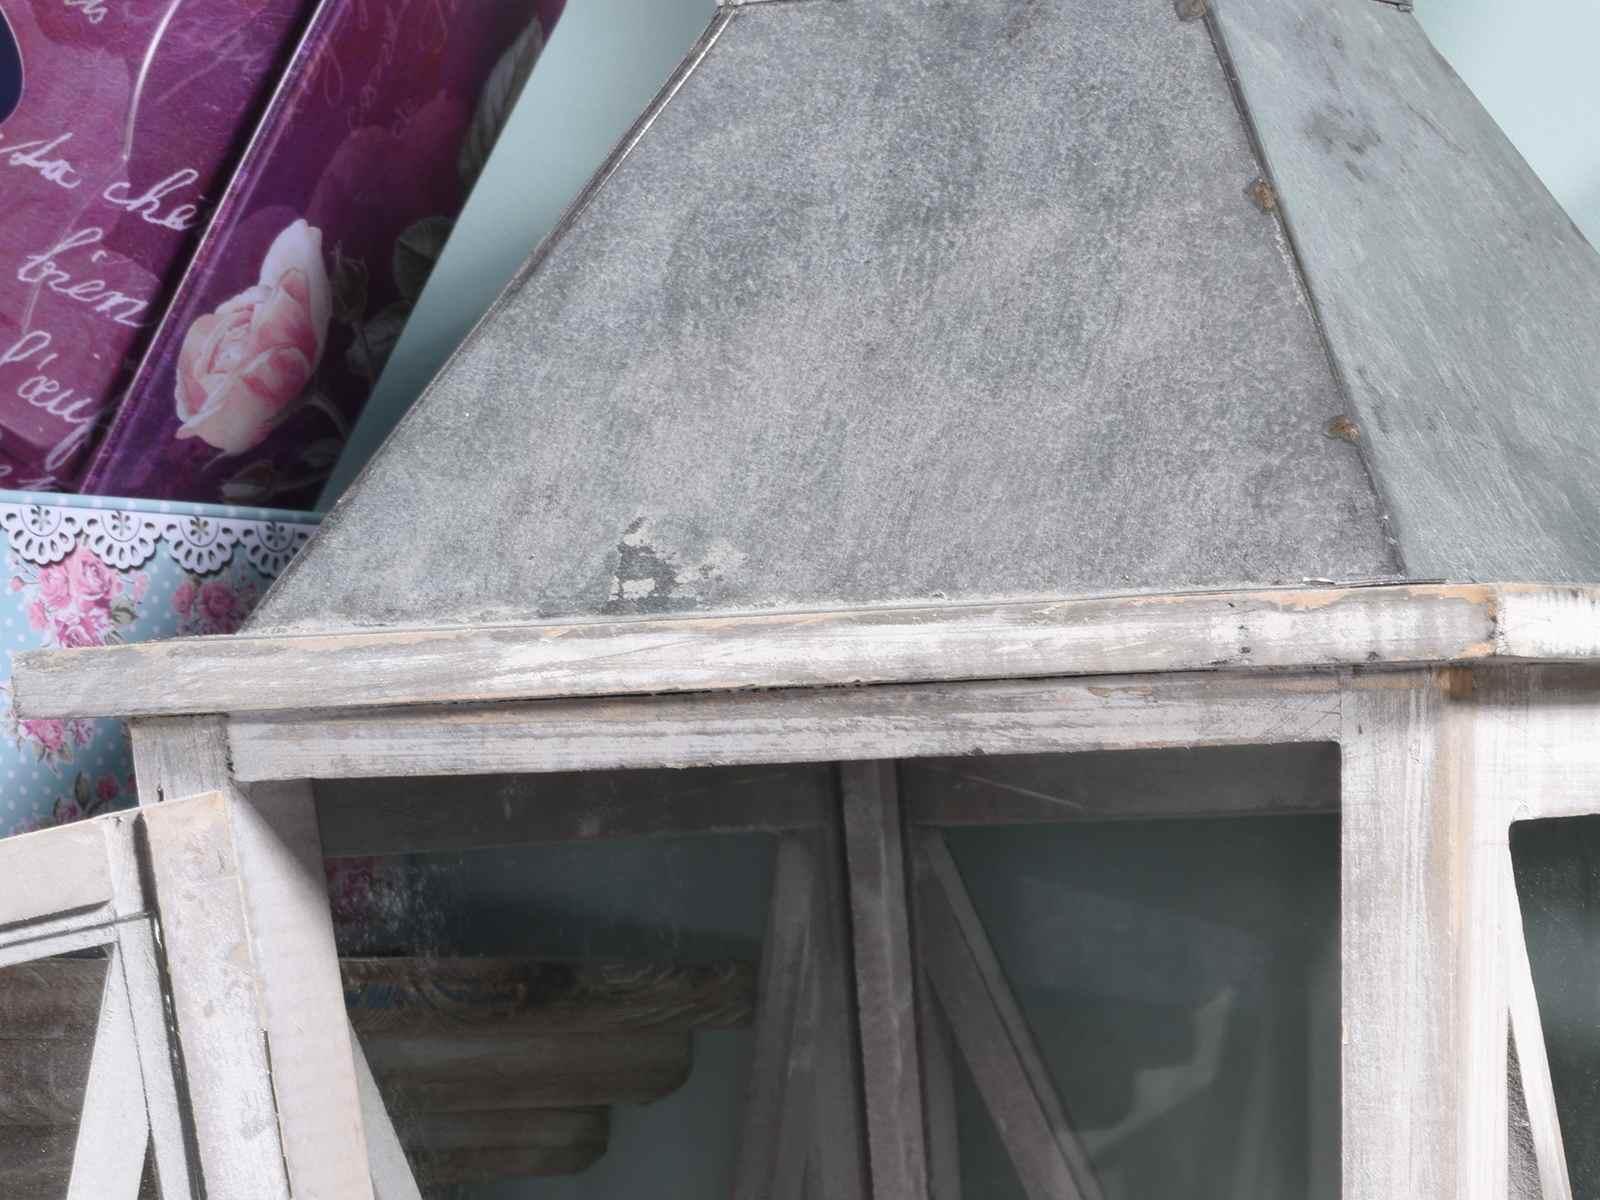 Antica soffitta set 2 lanterne in legno sbiancato tetto in metallo shabby chic - Legno sbiancato tetto ...